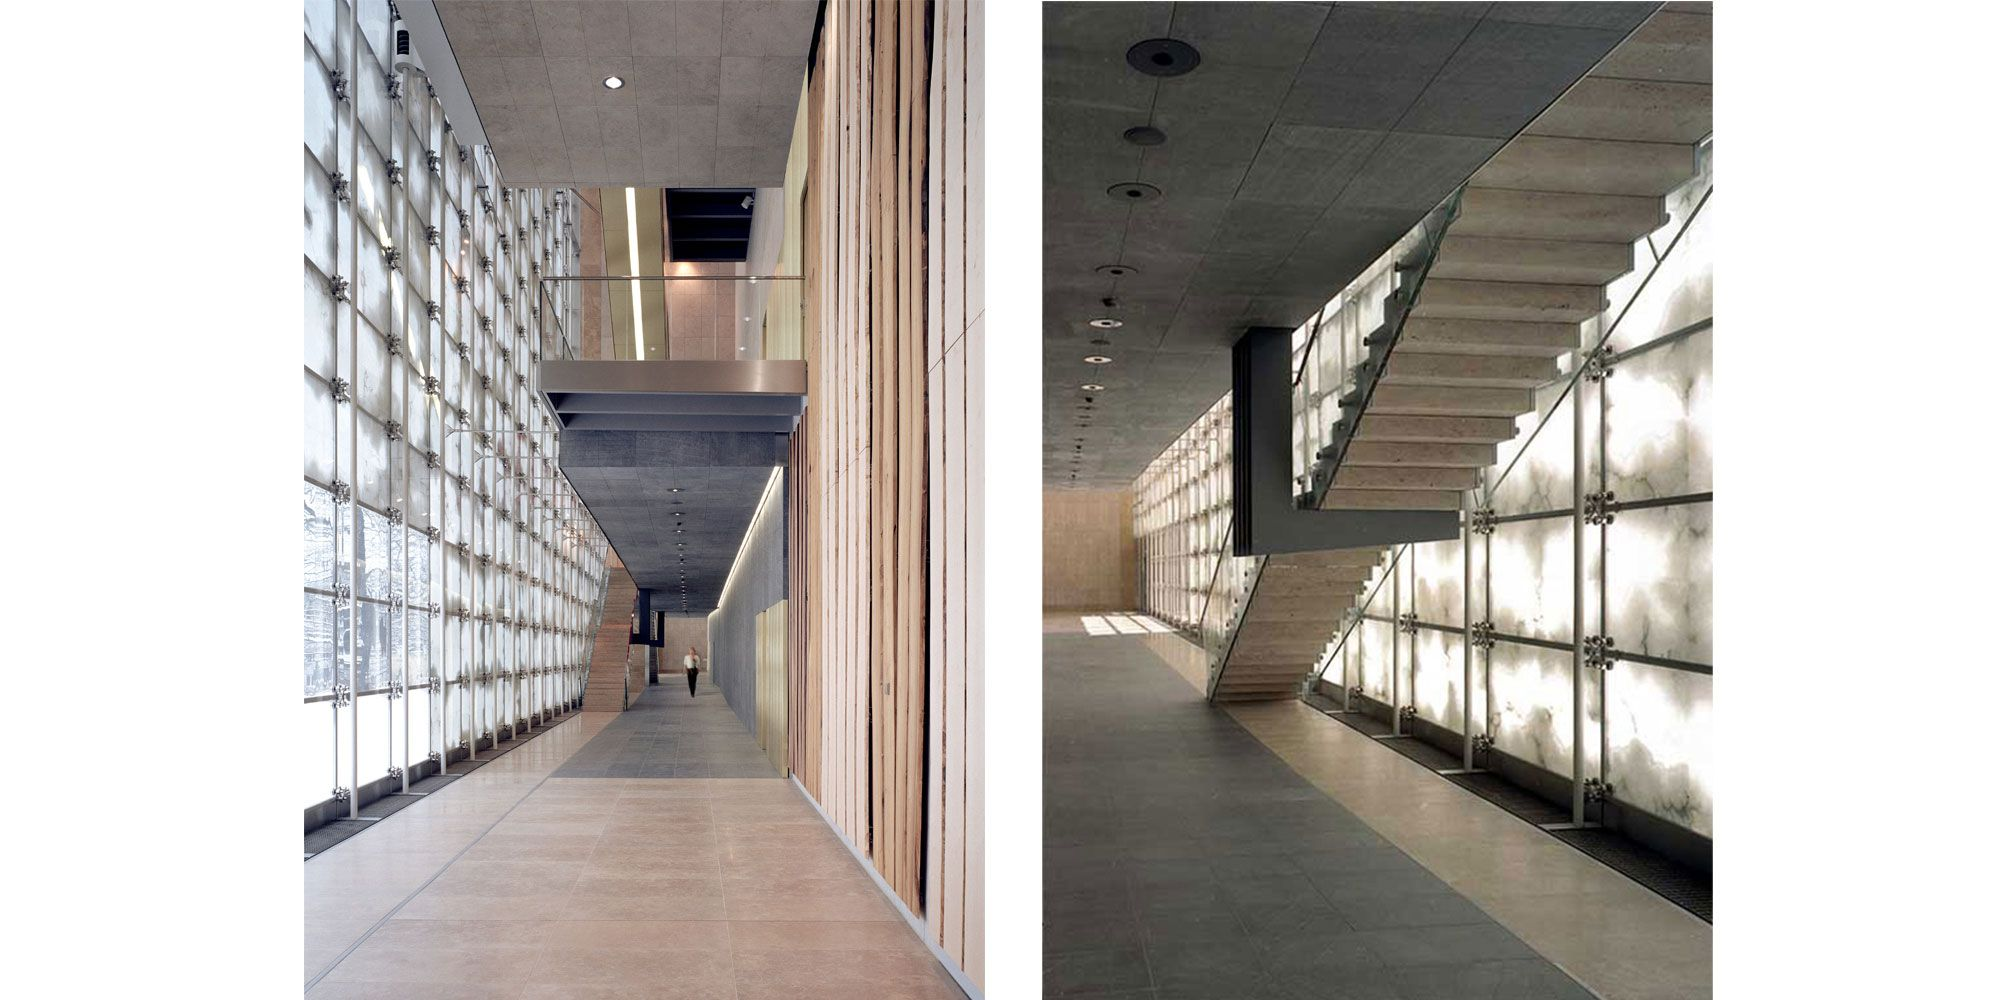 New Headquarters for the Deutsche Bundesbank in Chemnitz